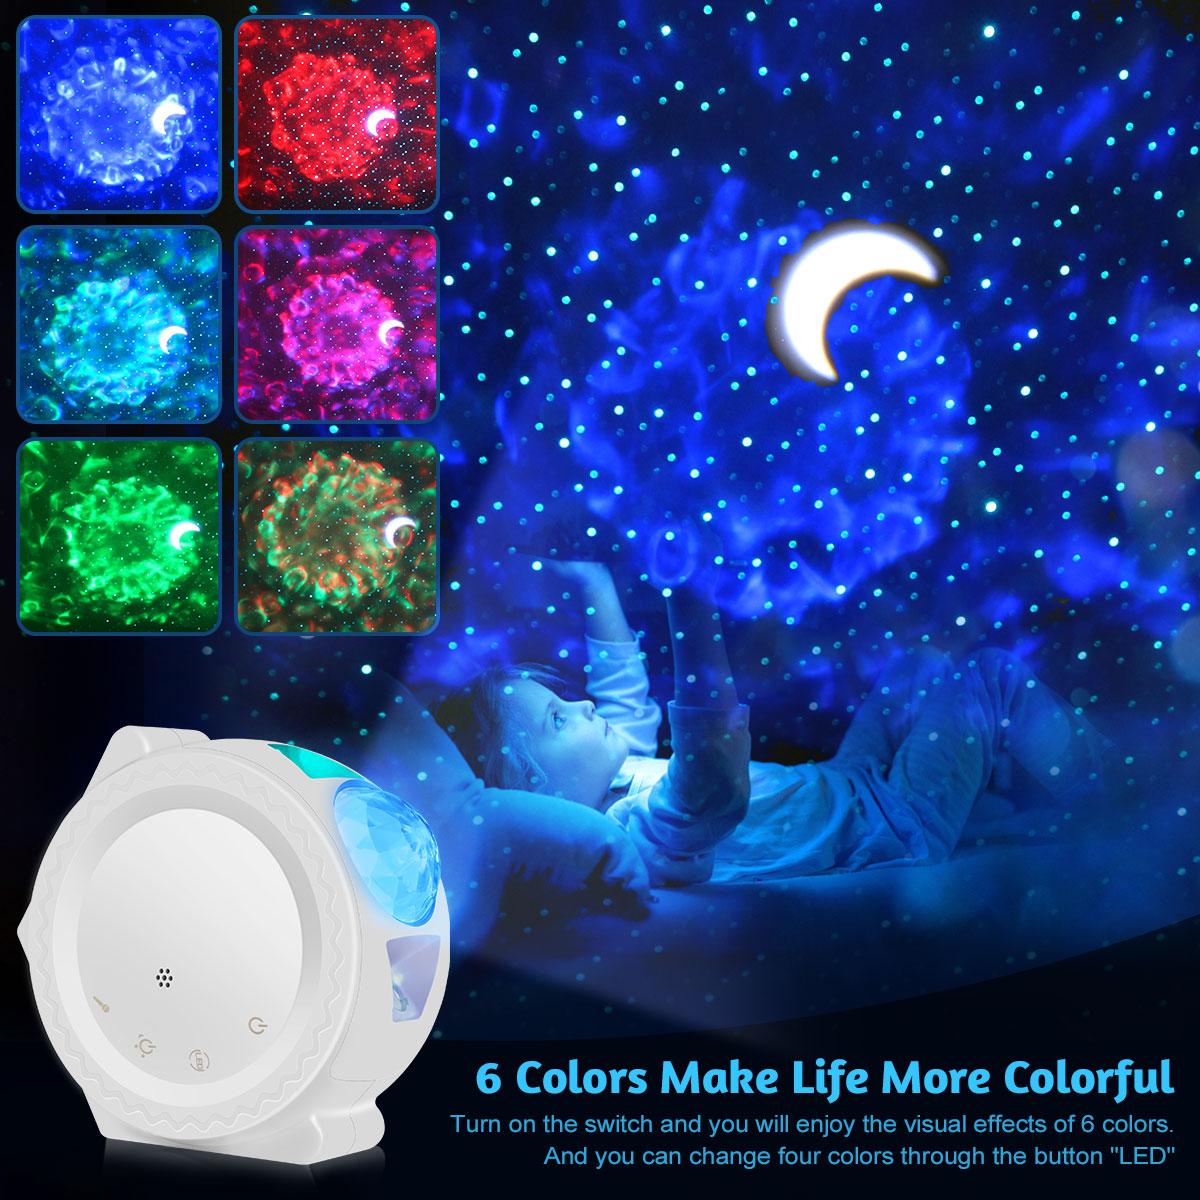 6 색 바다 흔들며 별이 빛나는 하늘 프로젝터 성운 구름 밤 빛 360 학위 회전 야간 조명 램프 어린이 DA